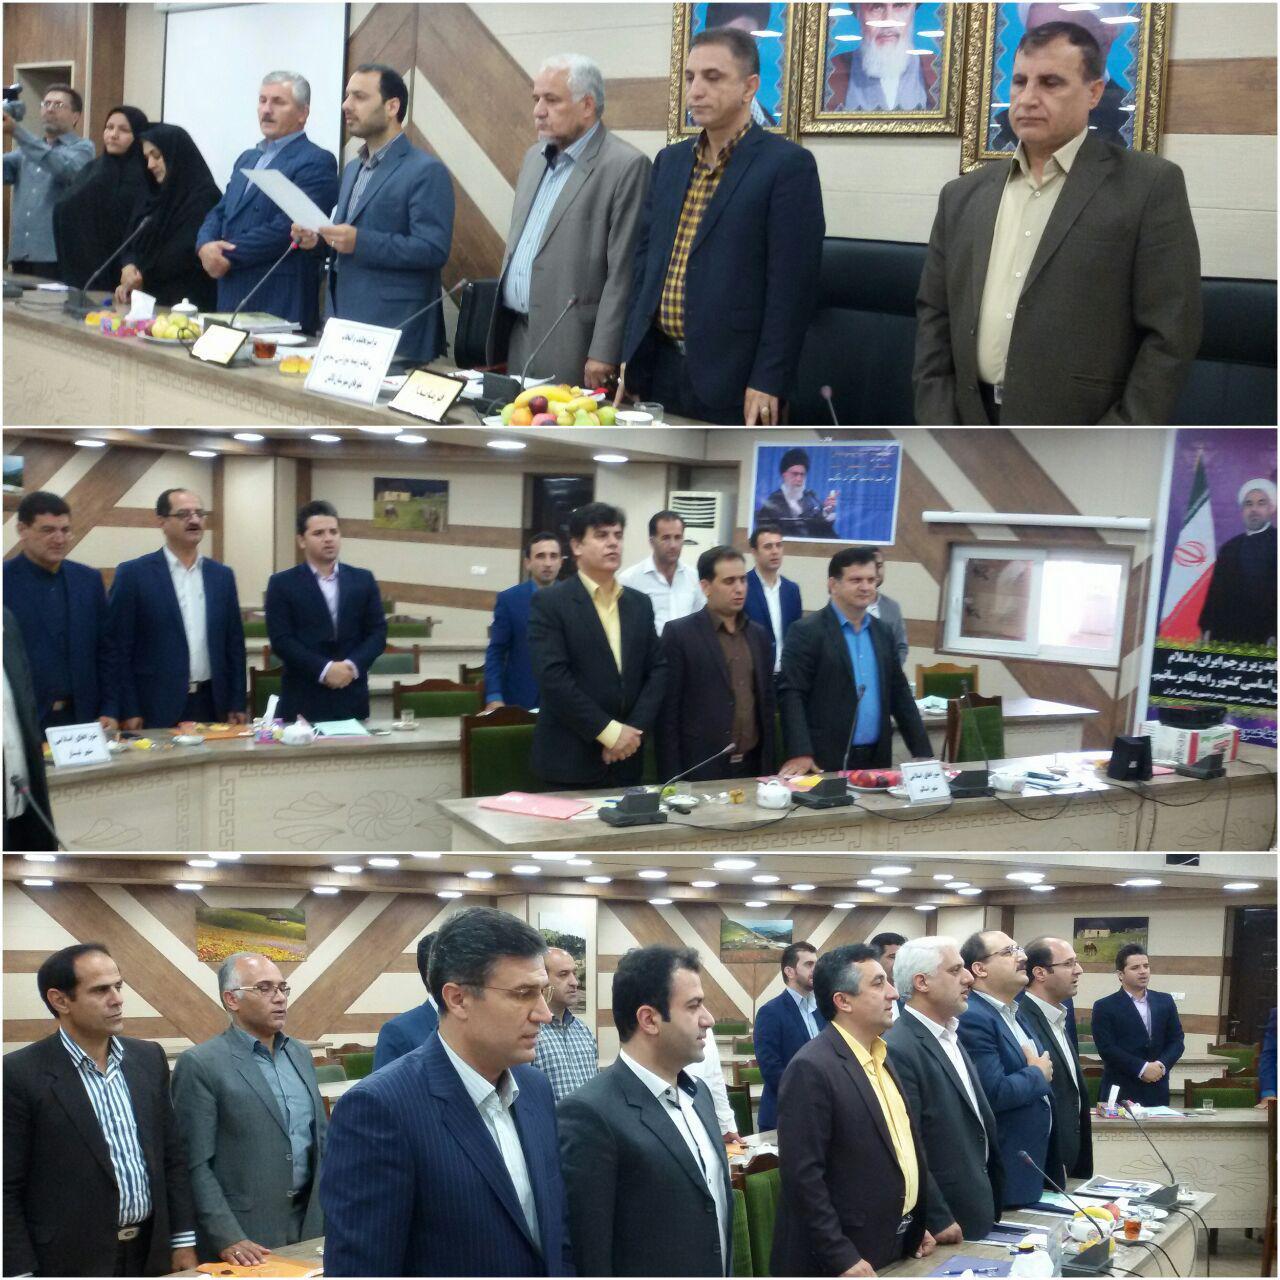 عبدالله حسین پور رئیس شورای شهر تالش شد